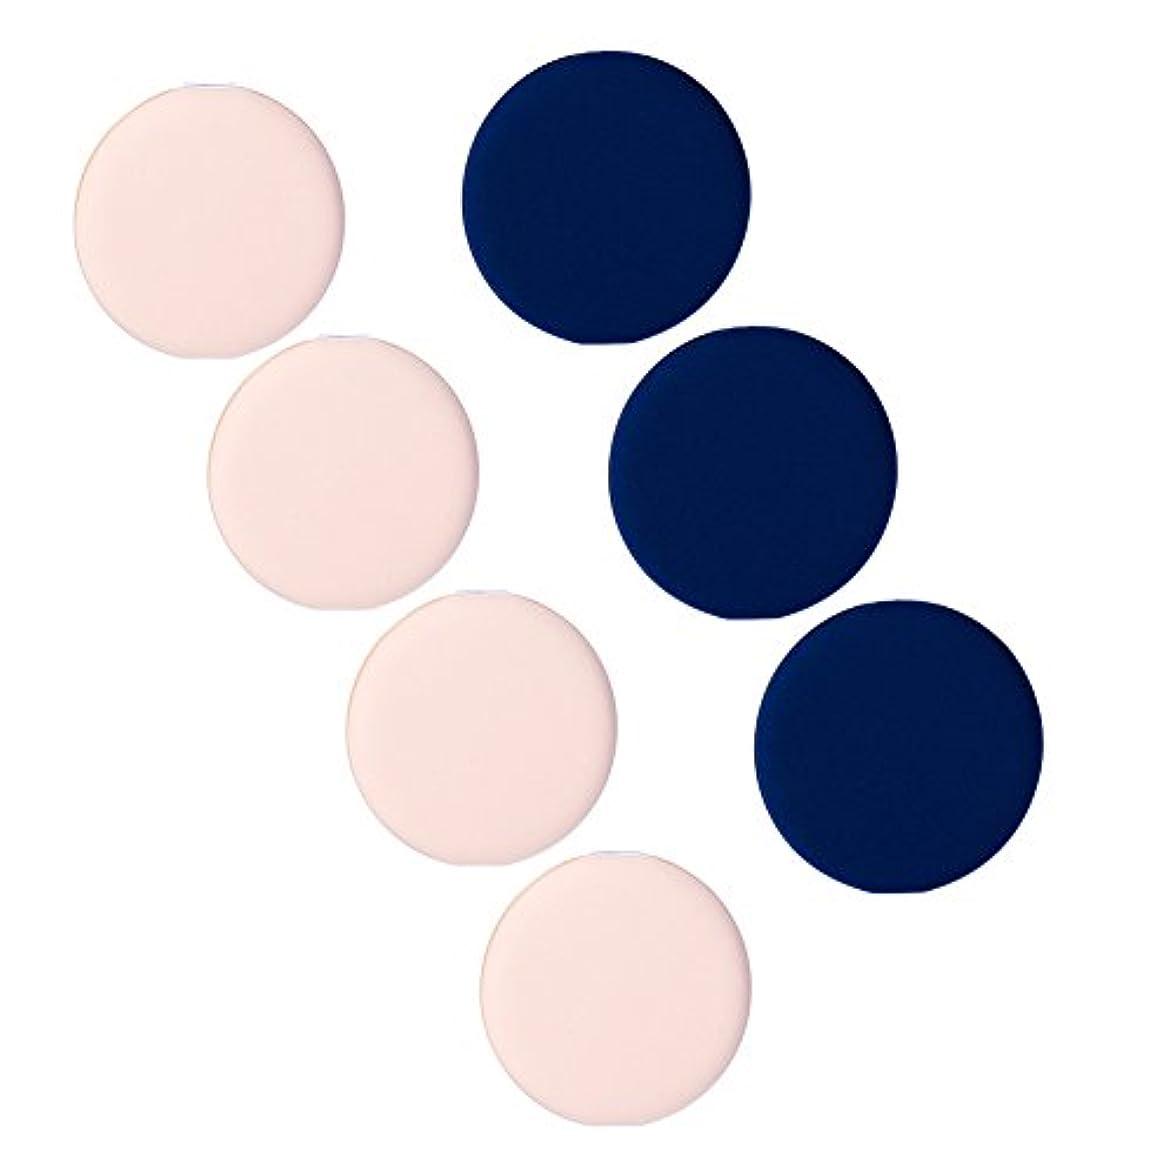 クリップ蝶大学観点7個/セット ミニメイクアップ  パウダーファンデーション BBクリームエアクッションパフ  化粧品用具